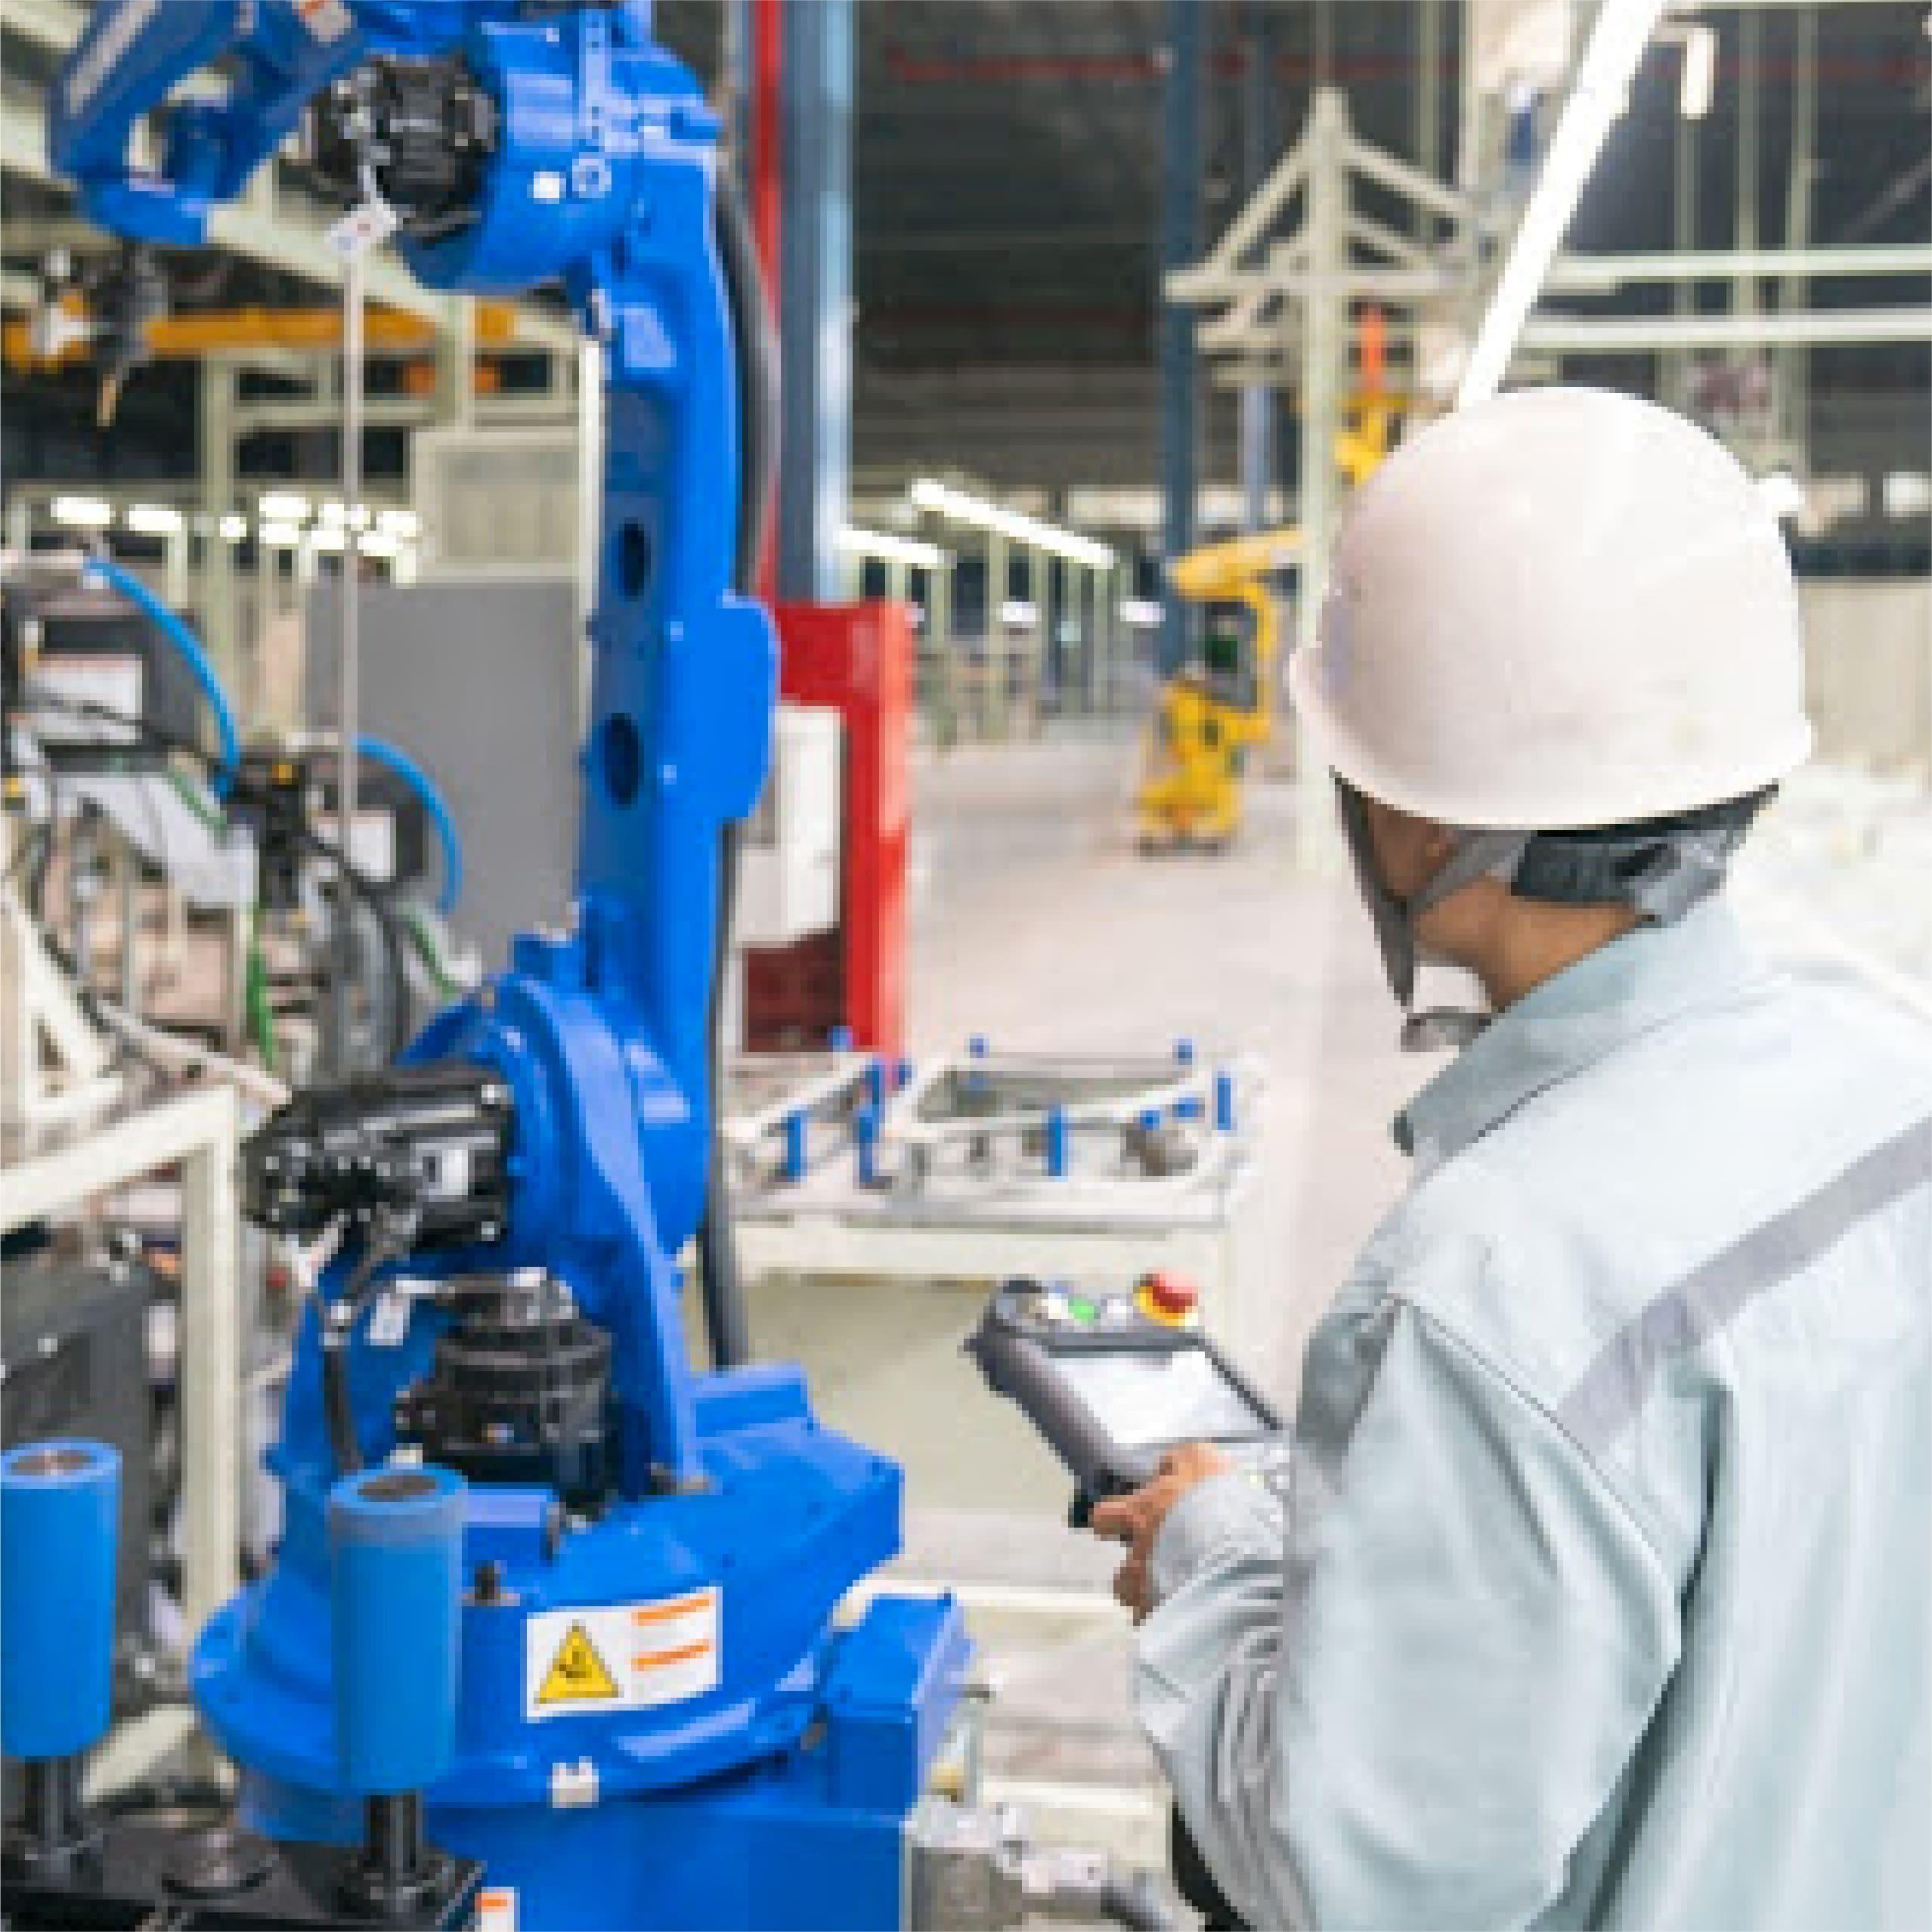 Curso Buenas prácticas de manufactura-05-min